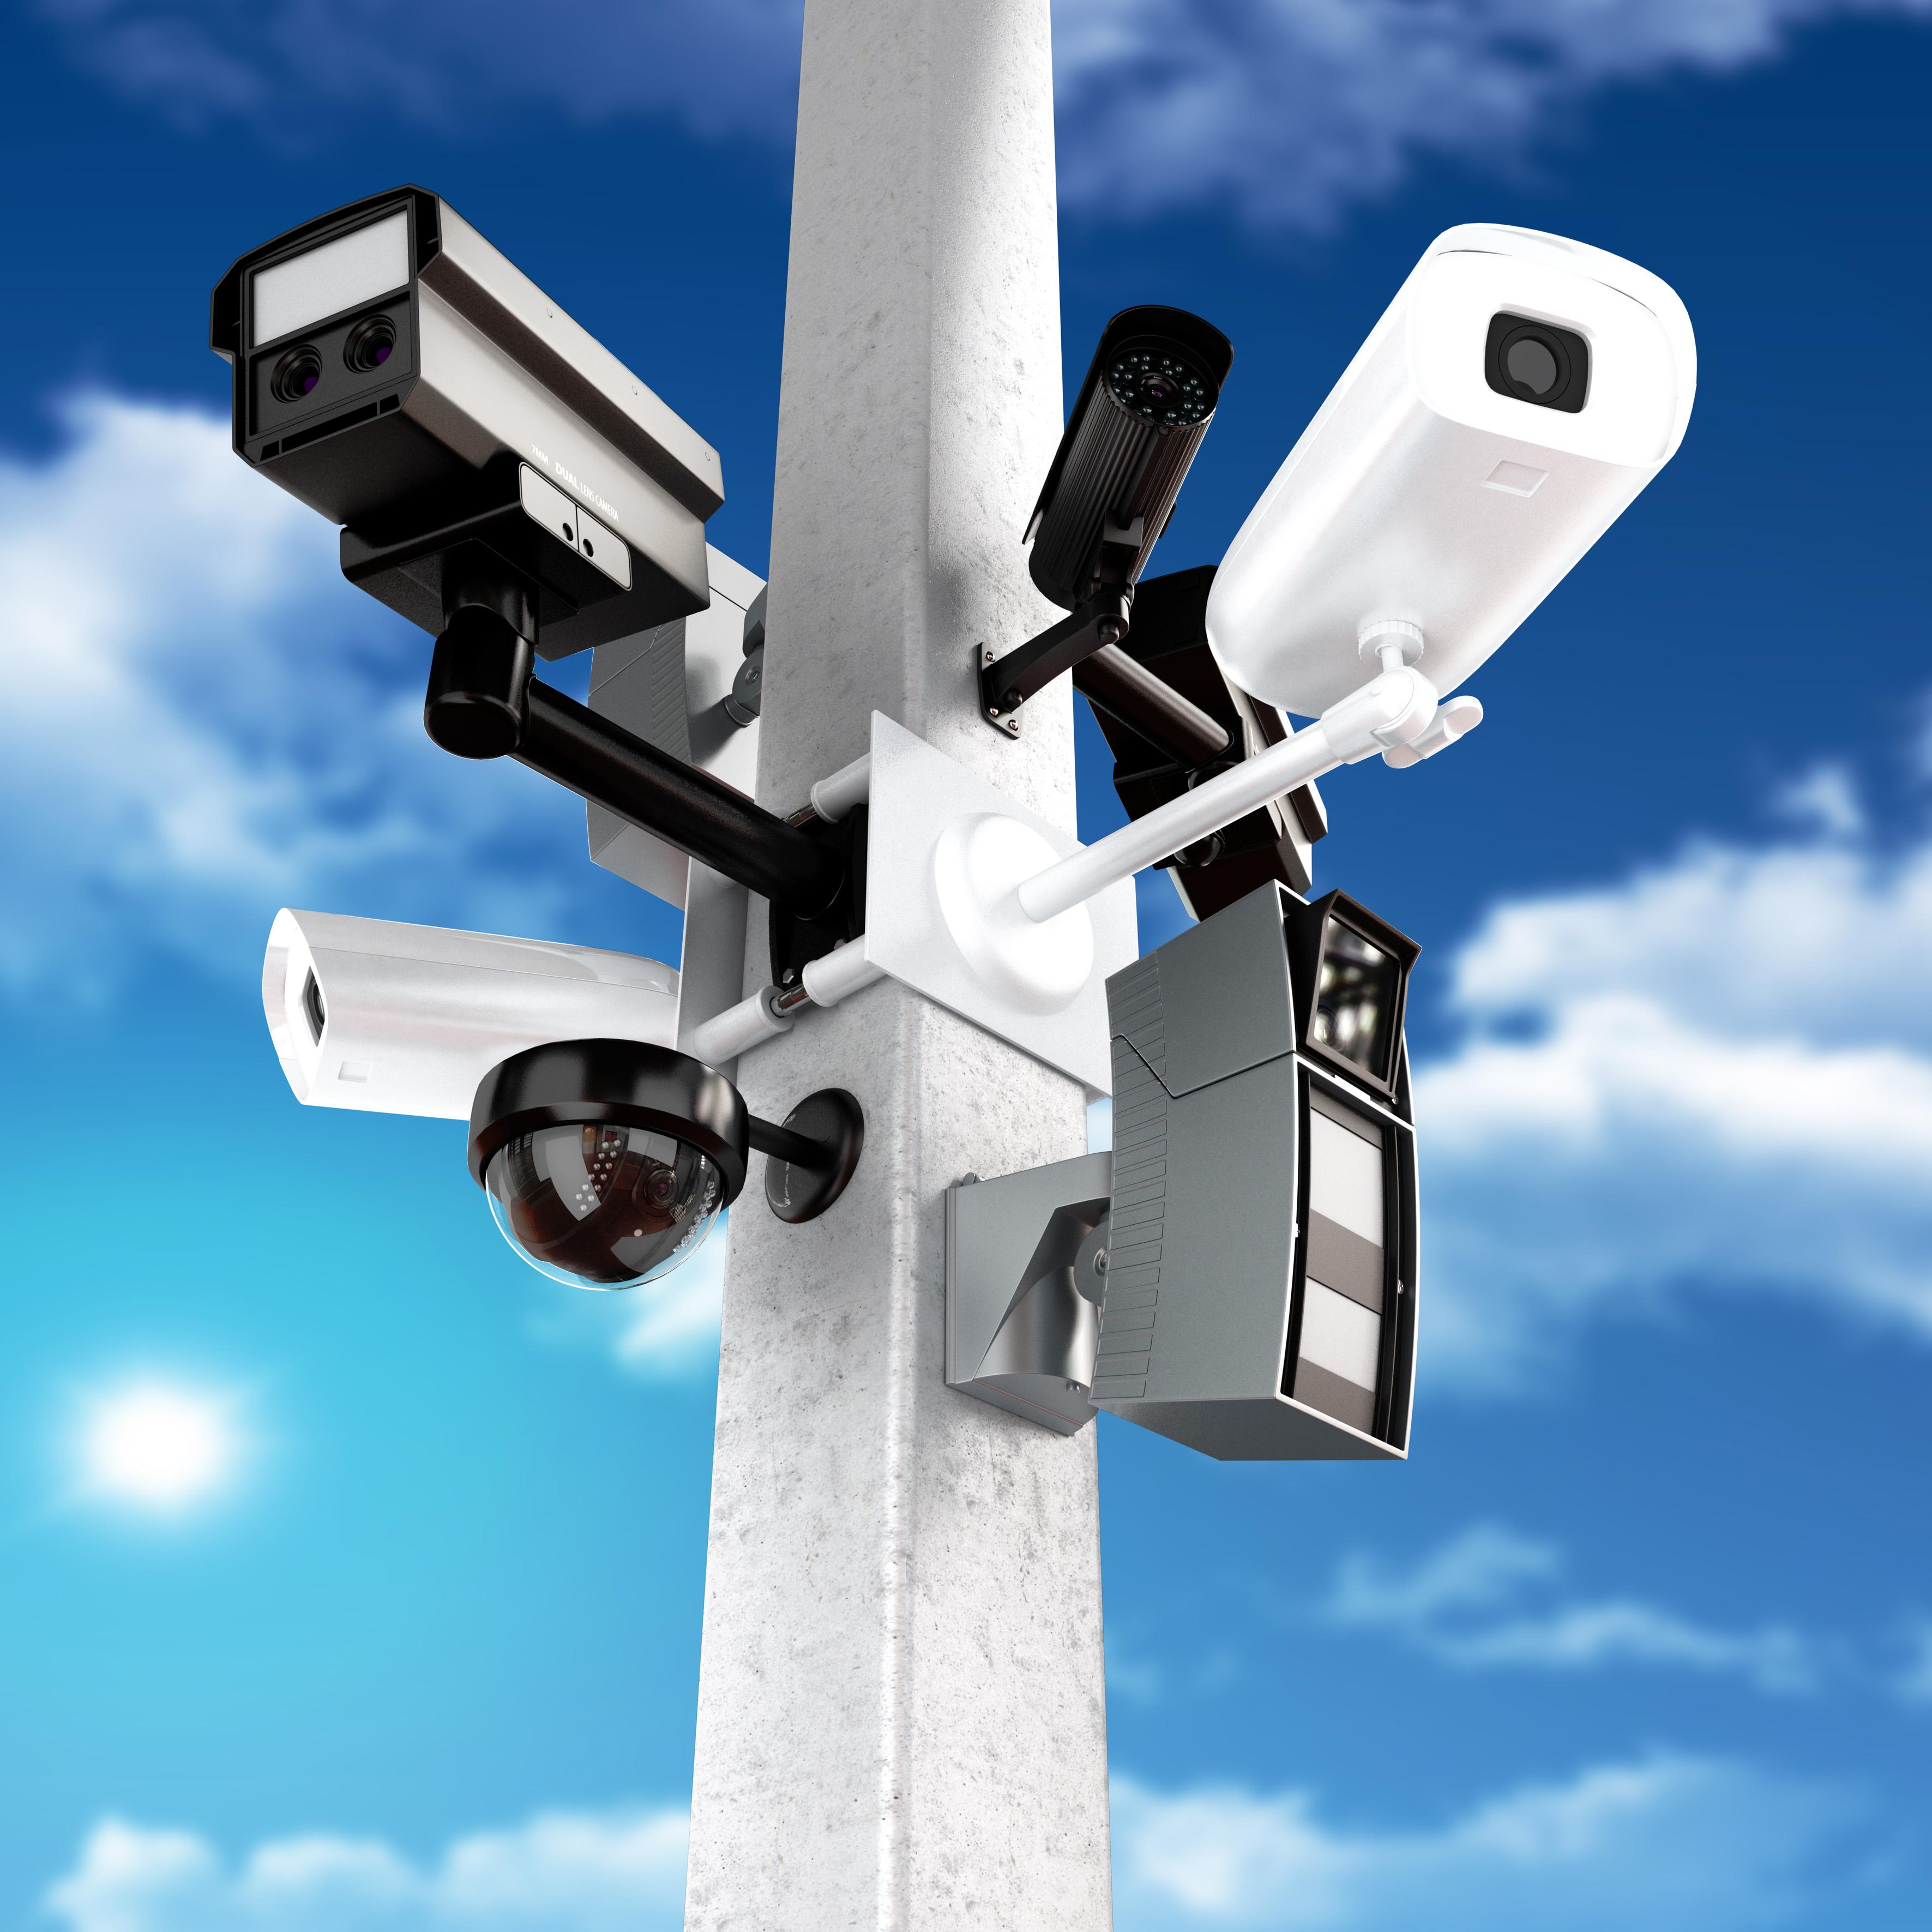 آموزش تخصصی دوربین های مداربسته